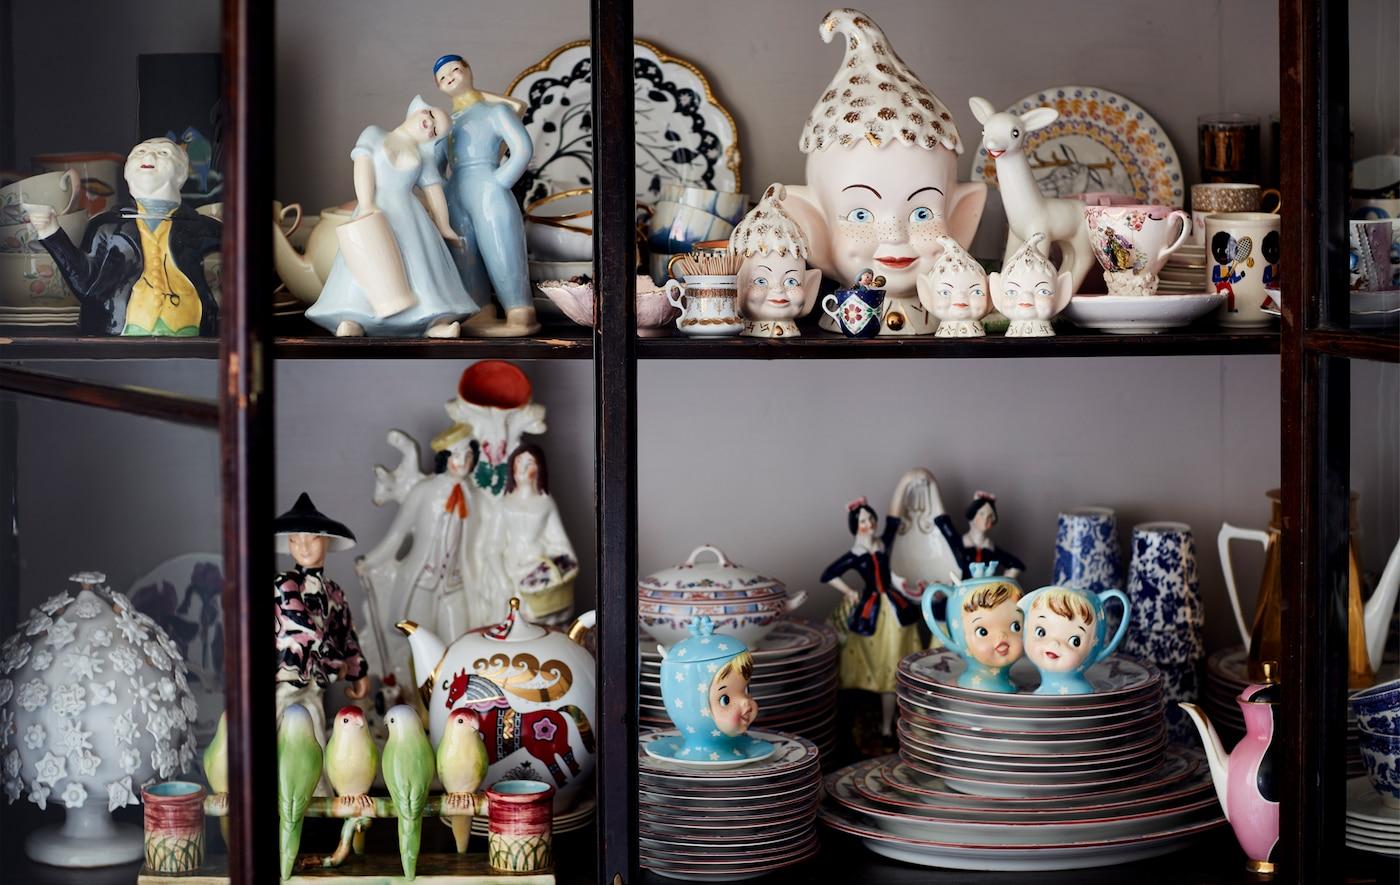 Eine private Sammlung von Porzellanfiguren in einer Vitrine